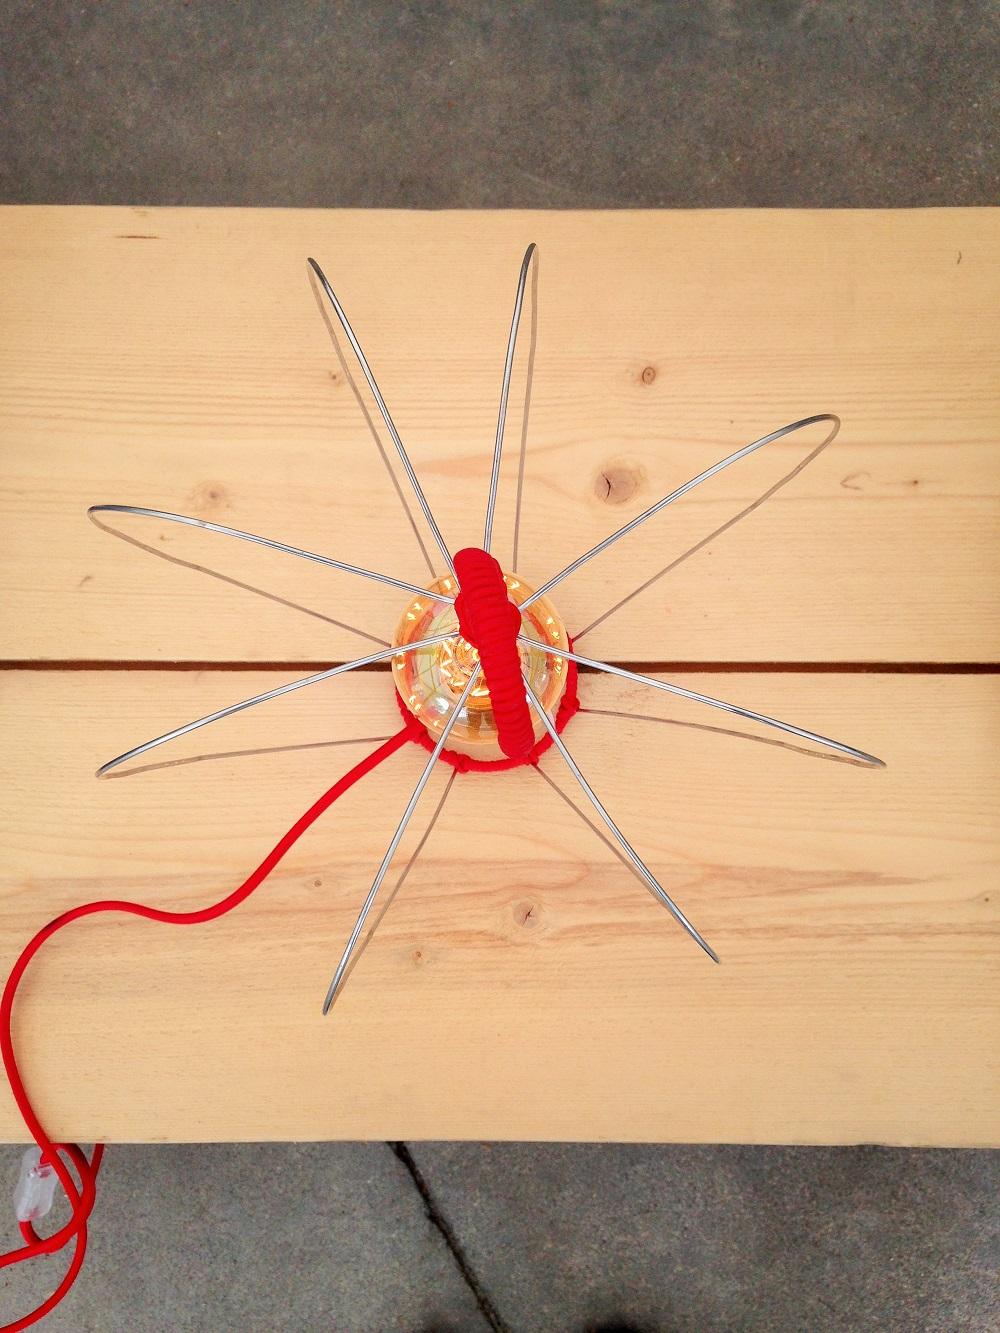 Connu PcMcréation: Lampe POM & coussins lin POM / Faire de sa vie MQ33